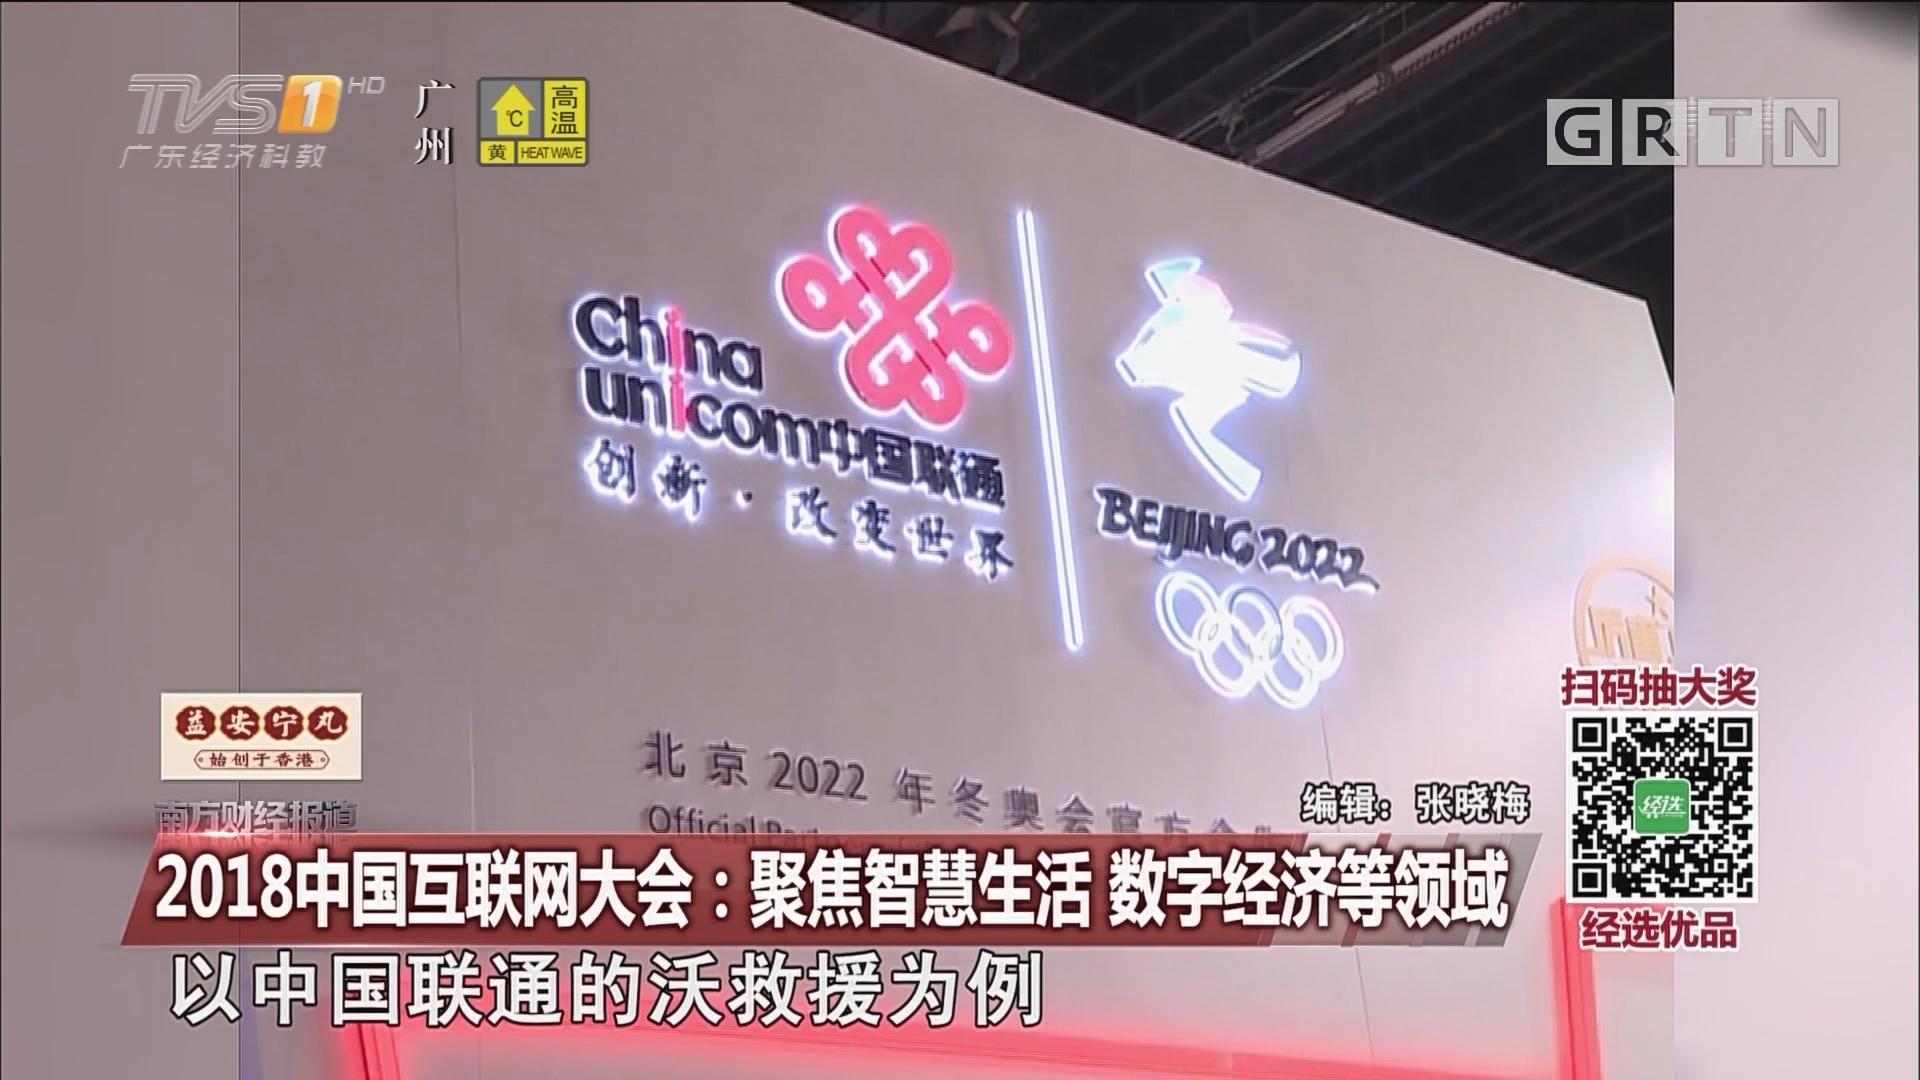 2018中国互联网大会:聚焦智慧生活 数字经济等领域